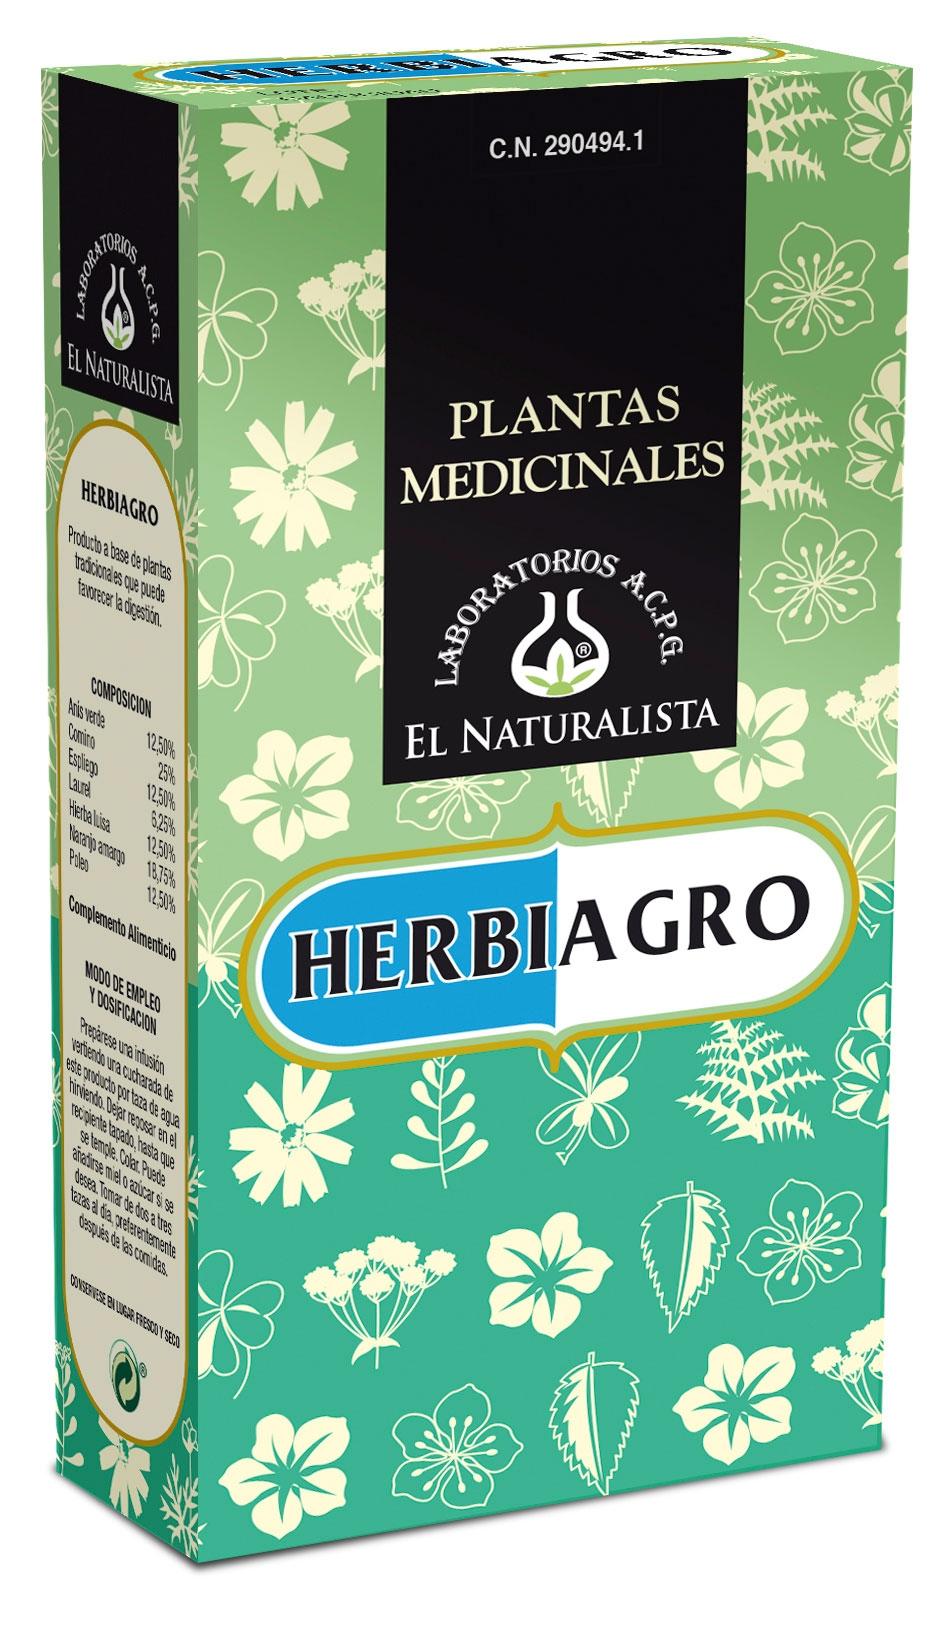 El Naturalista Herbiagro 100gr